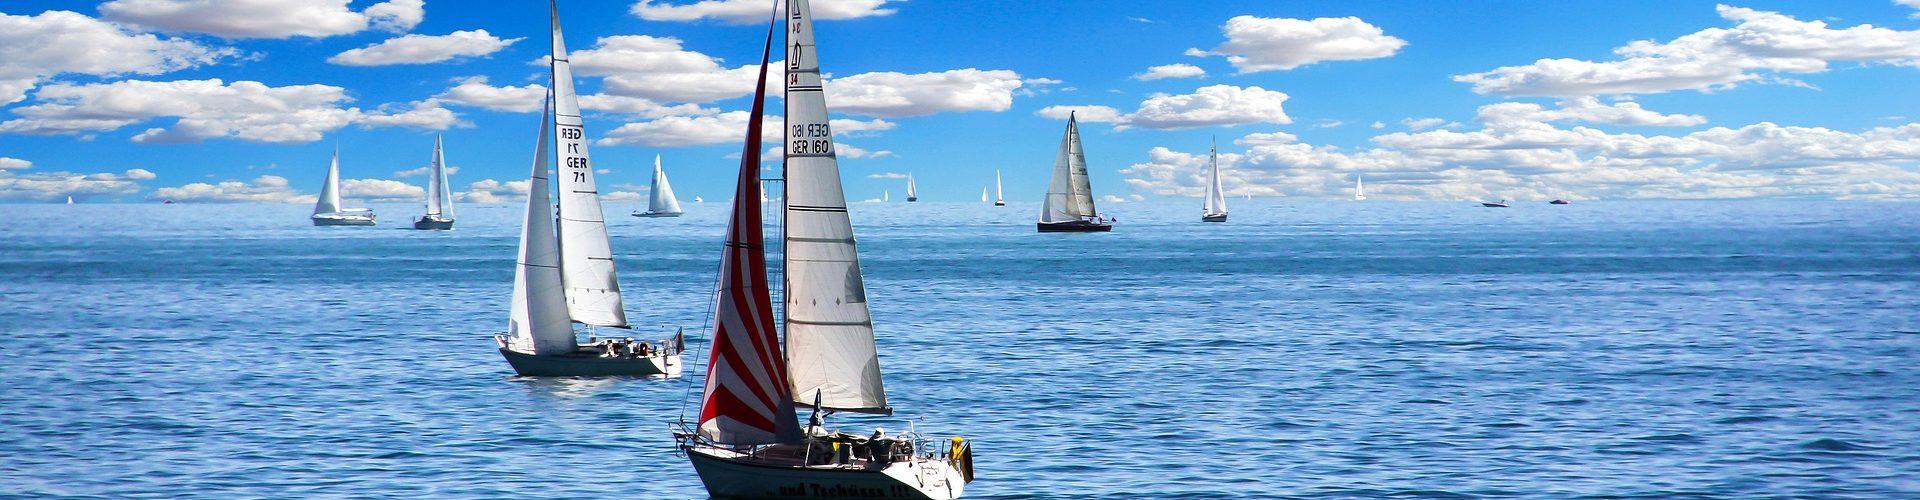 segeln lernen in Aseleben segelschein machen in Aseleben 1920x500 - Segeln lernen in Aseleben